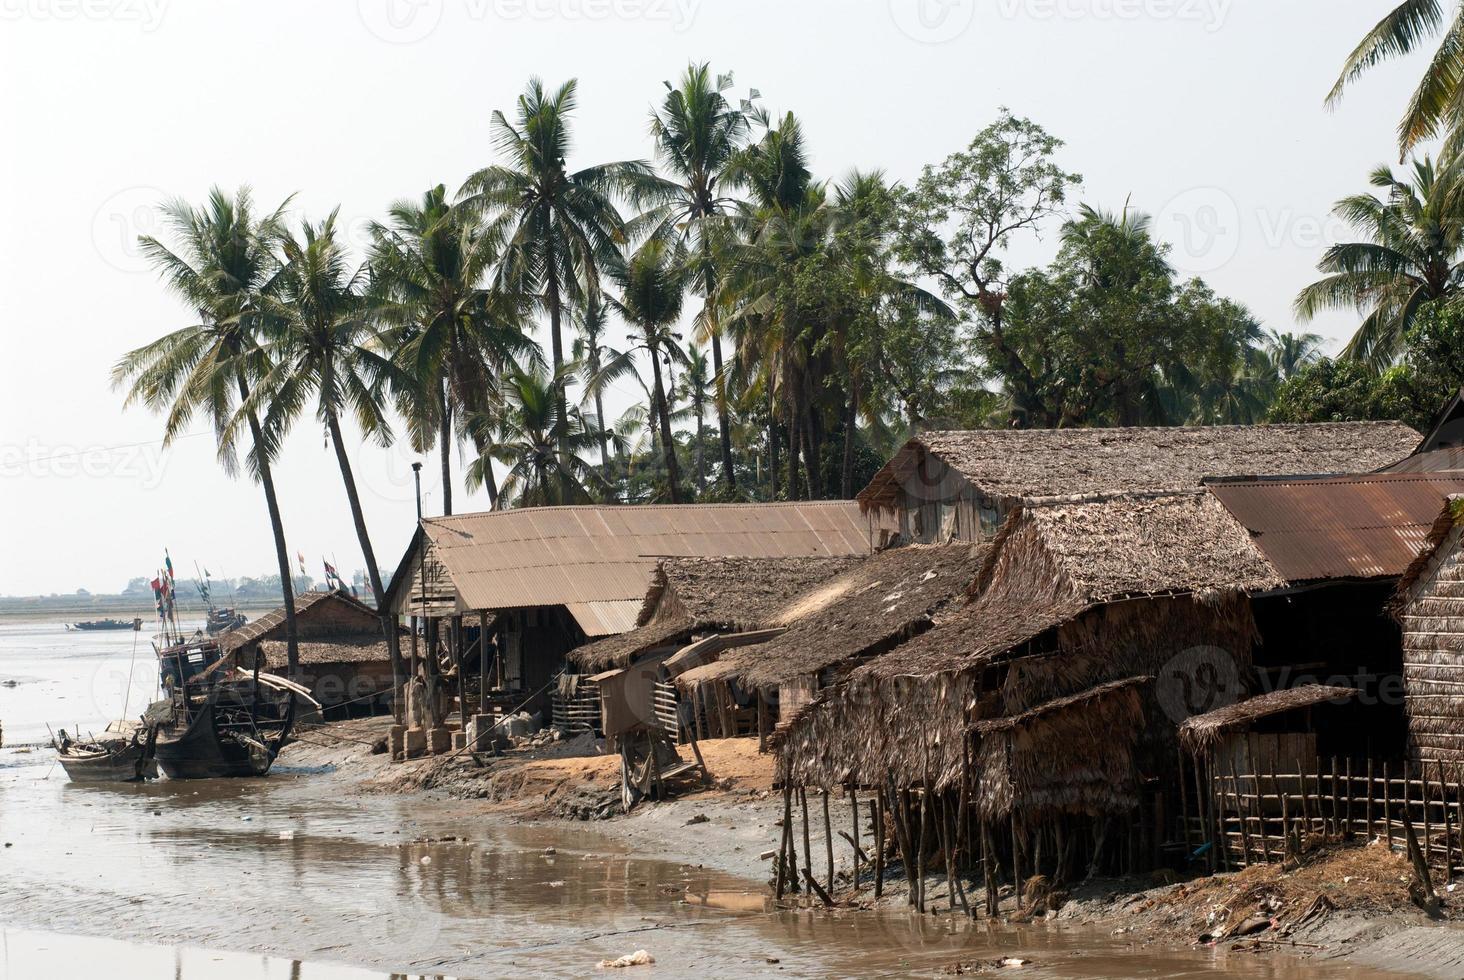 vila tradicional de myanmar no estuário na cidade de kyaikto, myanmar. foto